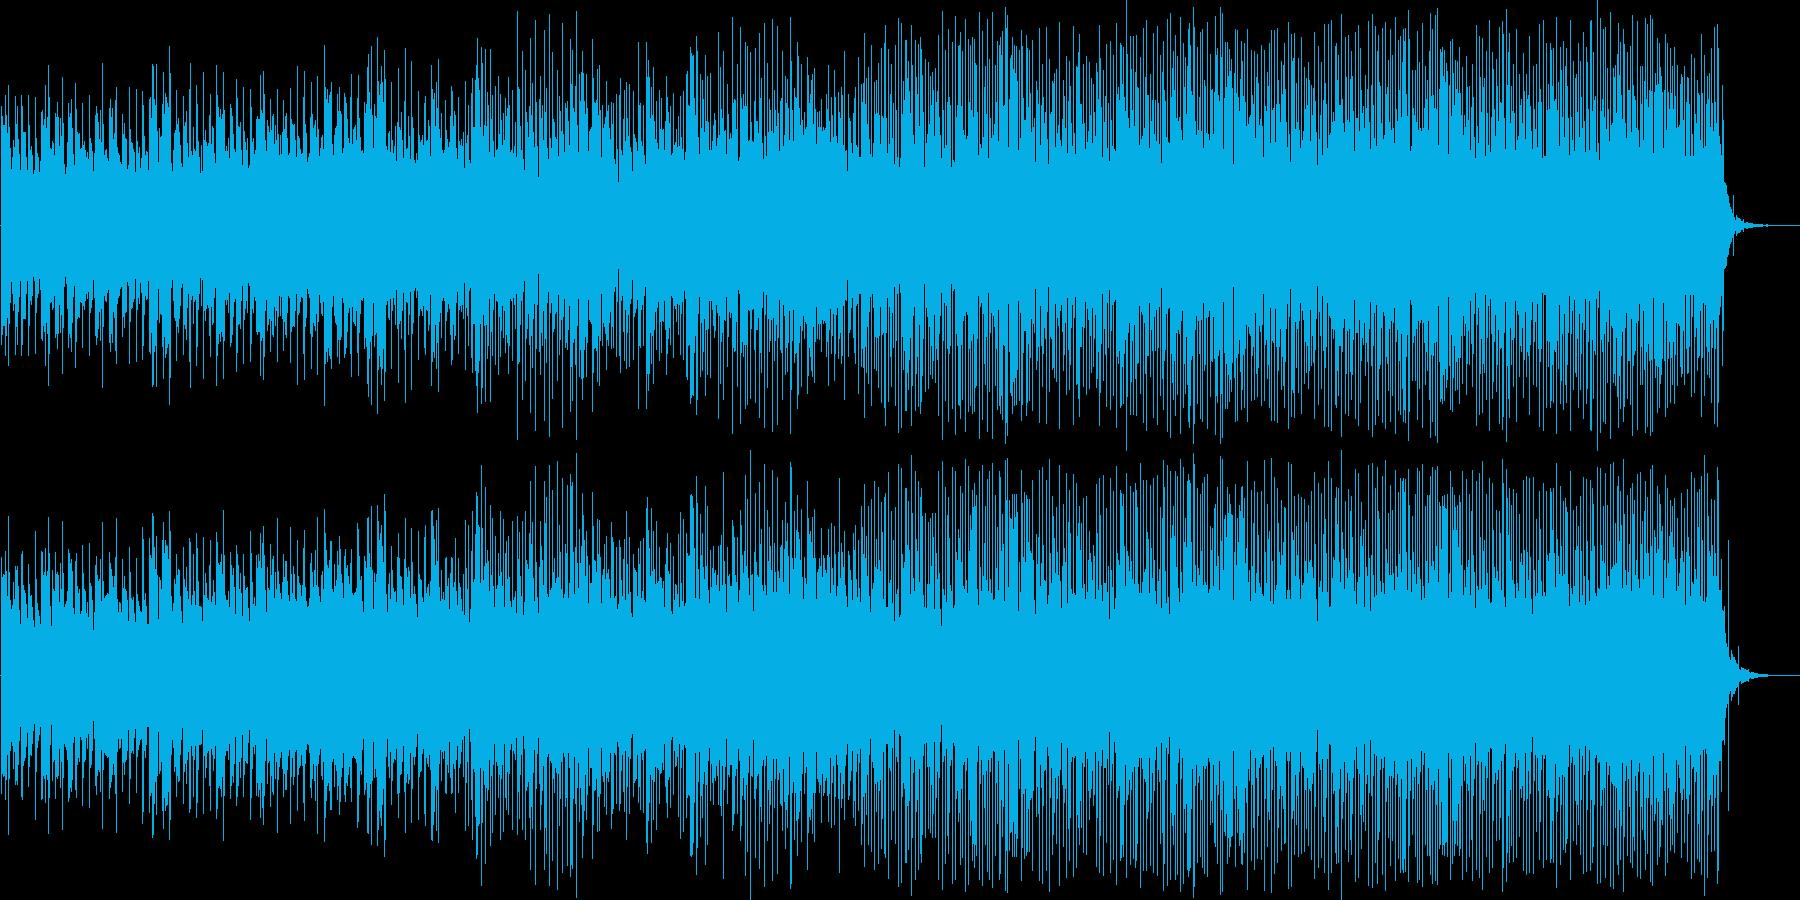 企業向け アンビエント調のテクノver2の再生済みの波形